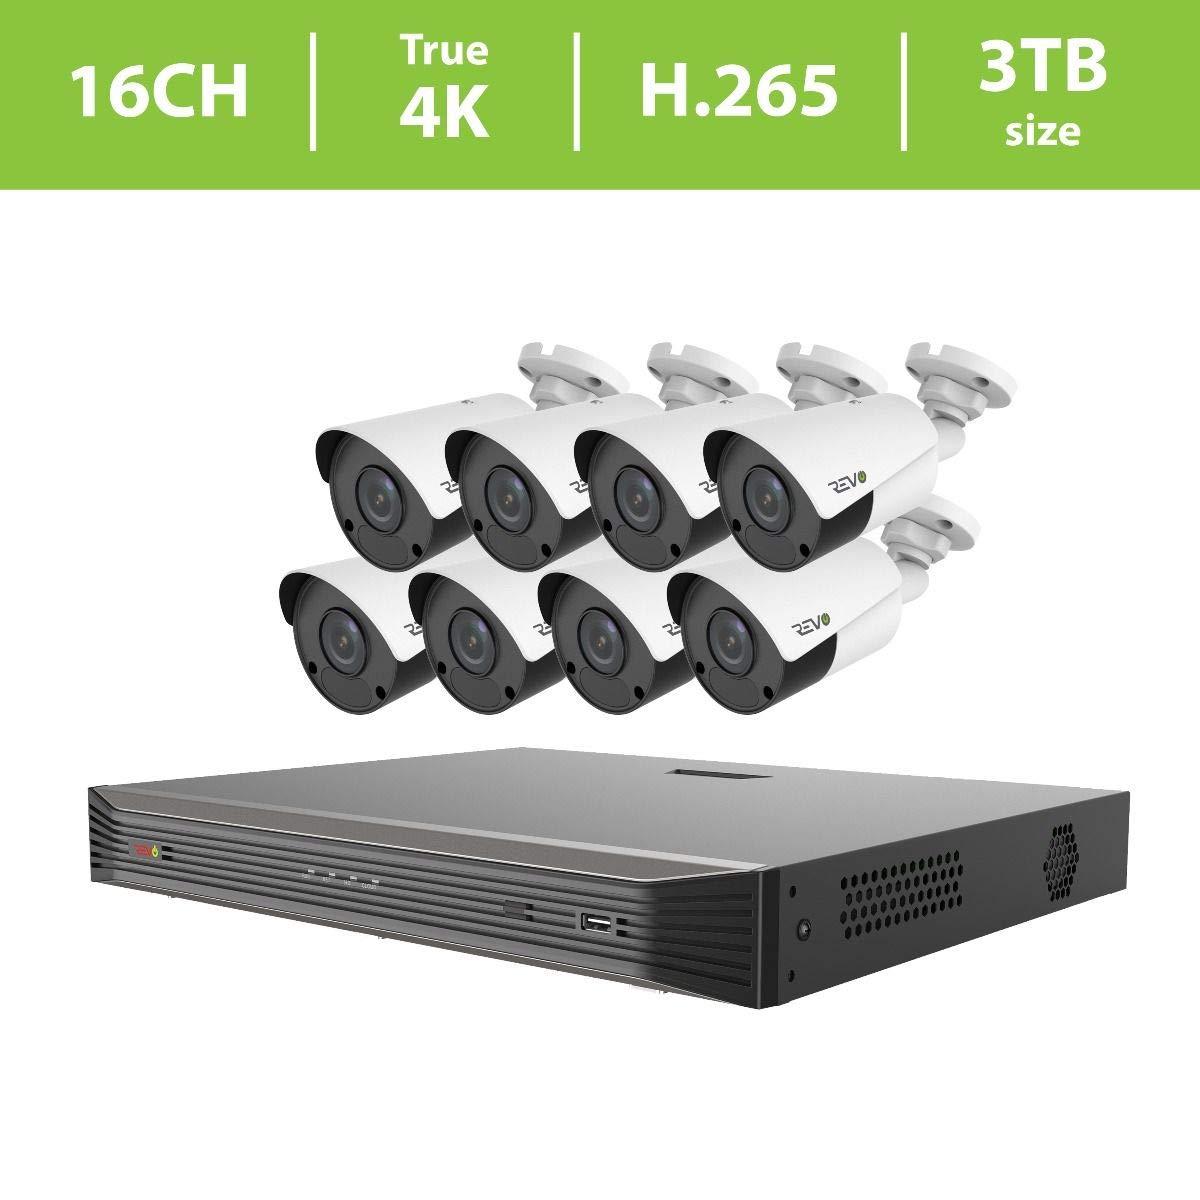 REVO America Ultra True 4K 16CH. 3TB HDD Ip NVR Video Surveillance System, 8 x 4K Bullet Fixed Lens Bullet Cameras Indoor/Outdoor - Remote Access Via Smart Phone, Tablet, PC & MAC